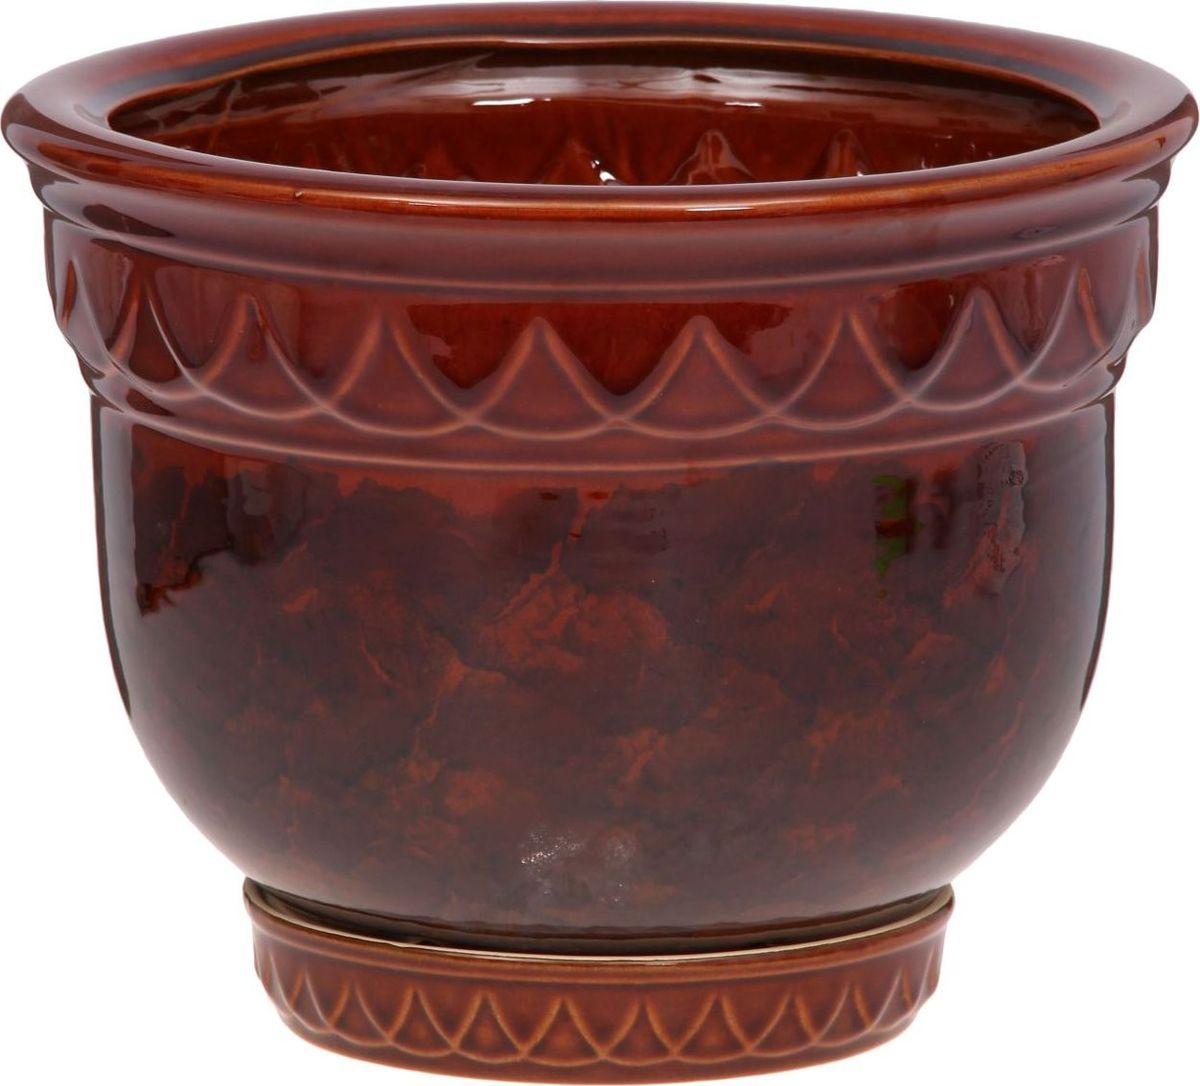 Кашпо Бриз, цвет: коричневый, 8,5 л1143938Комнатные растения - всеобщие любимцы. Они радуют глаз, насыщаютпомещение кислородом и украшают пространство. Каждому из них необходимсвой удобный и красивый дом.Кашпо из керамики прекрасно подходят для высадки растений. За счетпластичности глины и разных способов обработки существует великое множествоформ и дизайнов. Пористый материал позволяет испаряться лишней влаге, авоздух, необходимый для дыхания корней, проникает сквозь керамическиестенки.Кашпо позаботится о растениях, освежит интерьер и подчеркнет его стиль.